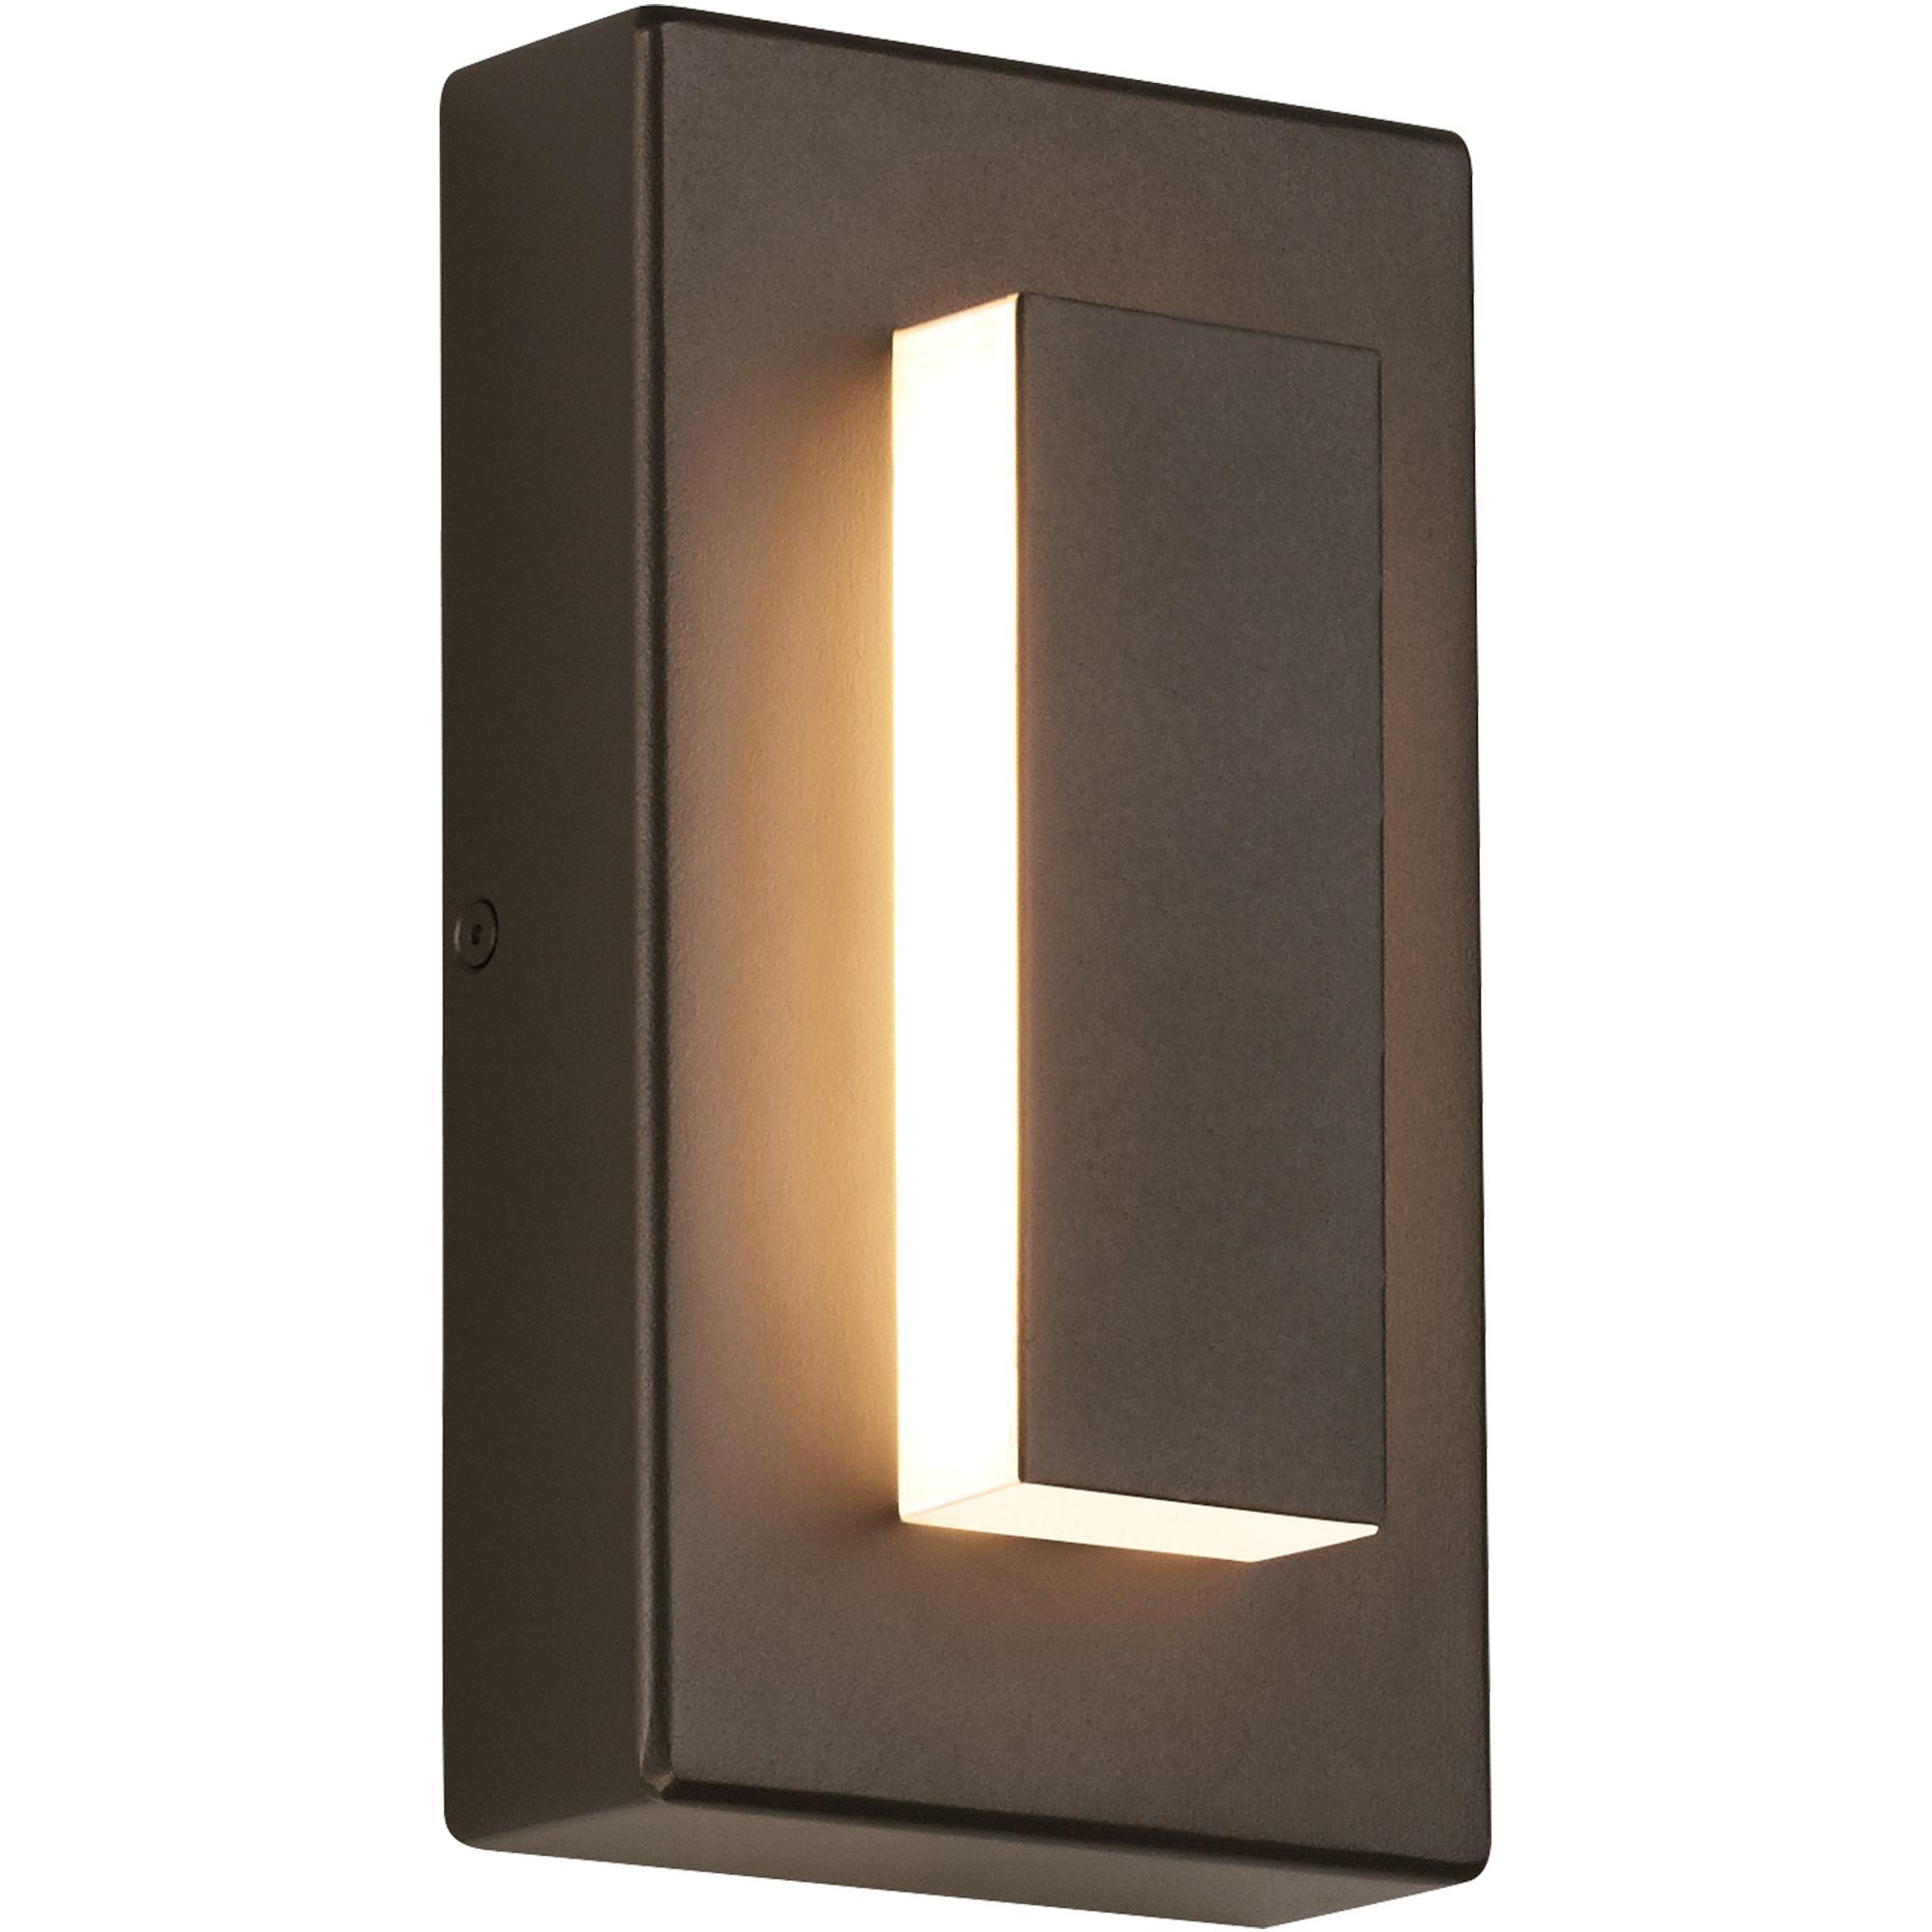 Aspen 120v Outdoor Wall Light By Tech Lighting 700owasp9308dzunvs